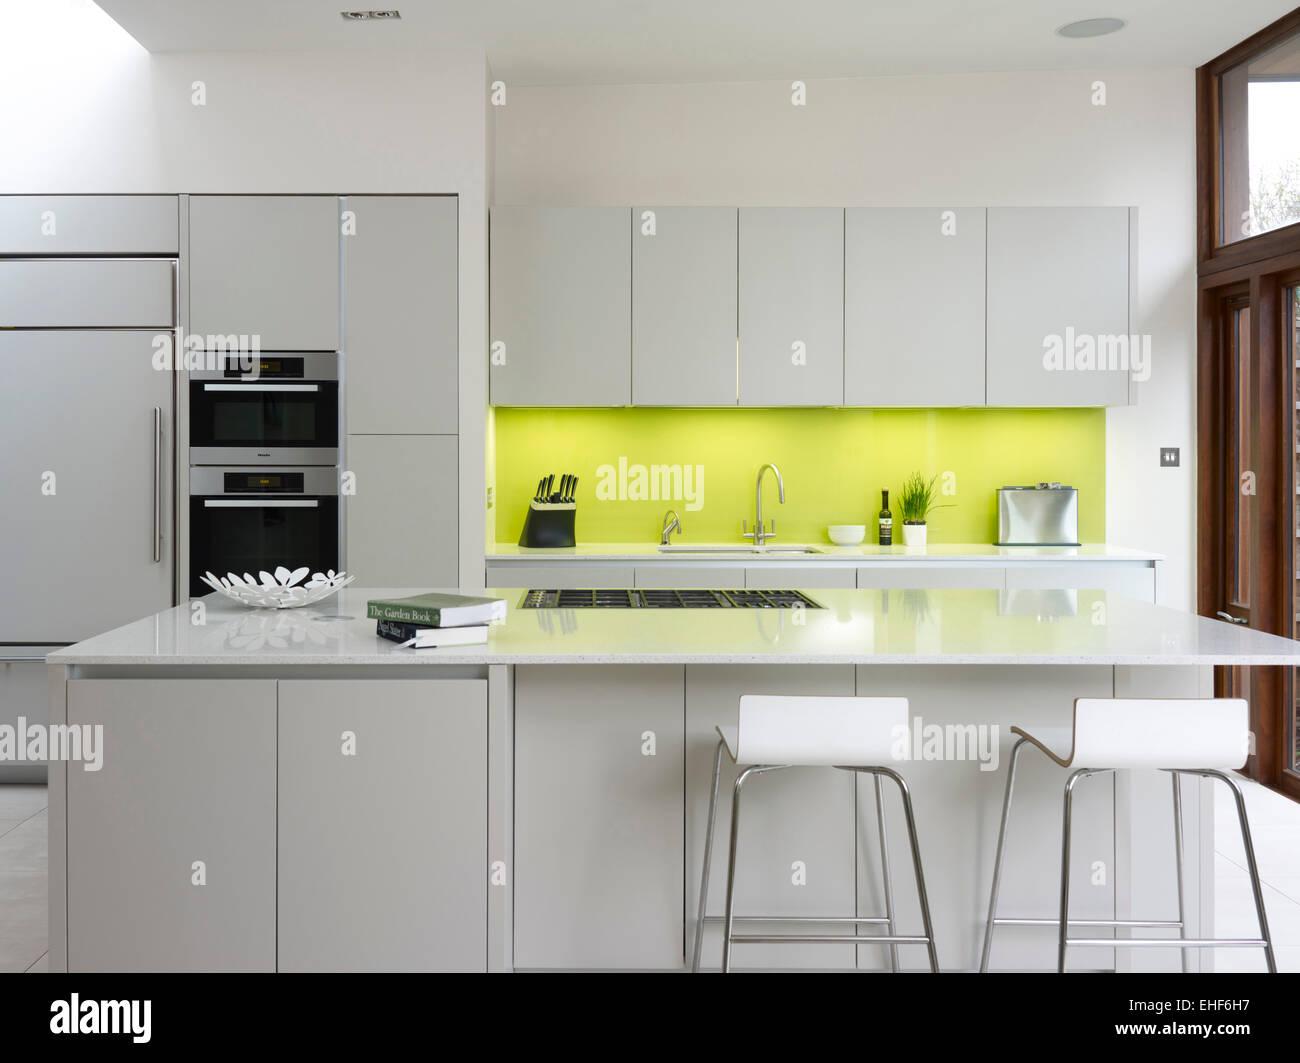 Painel Contra Salpicos De Cor Lim O Na Cozinha Moderna Com Forno De